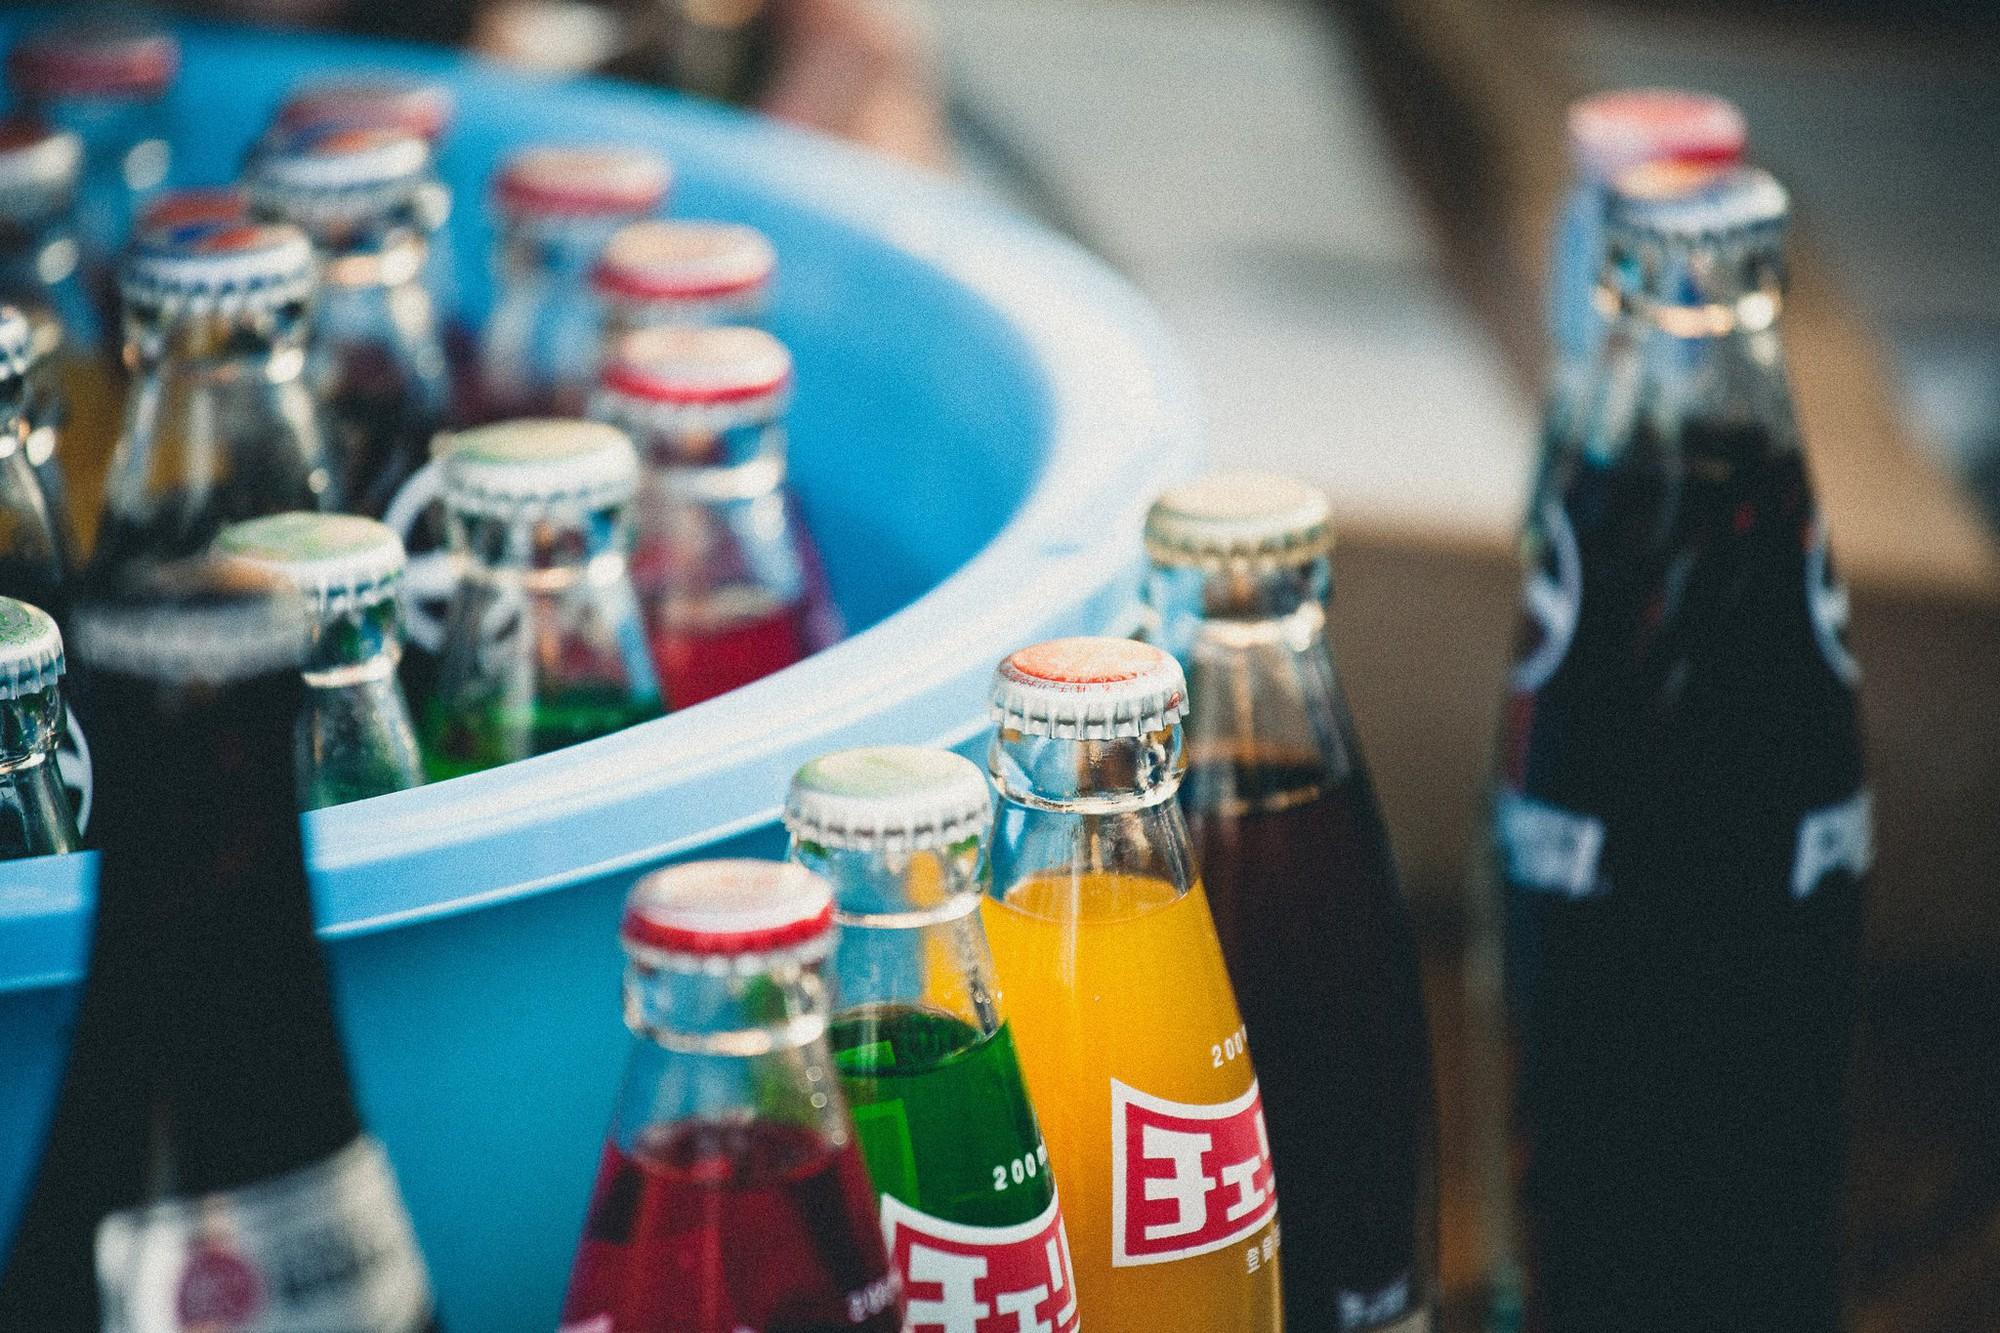 Răng ngày càng xỉn màu nếu cứ vô tư dùng 5 loại đồ uống dưới đây thường xuyên - Ảnh 1.